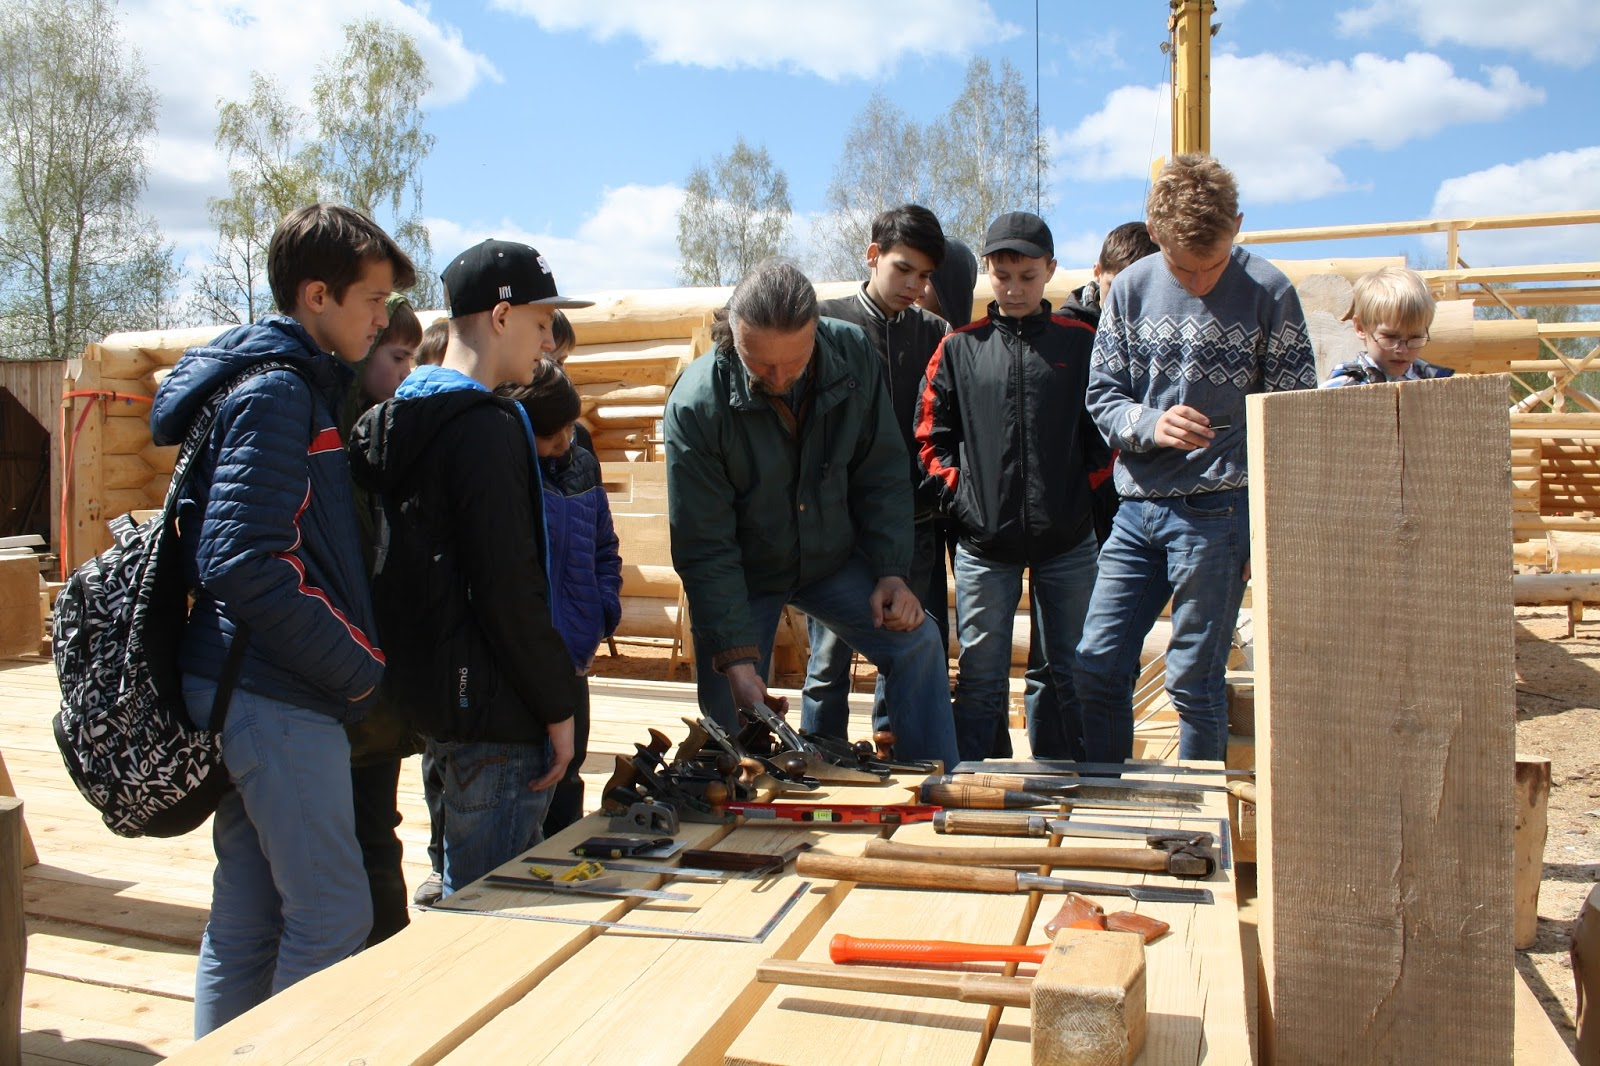 Ребята осматривают плотницкий и столярный инструментариий